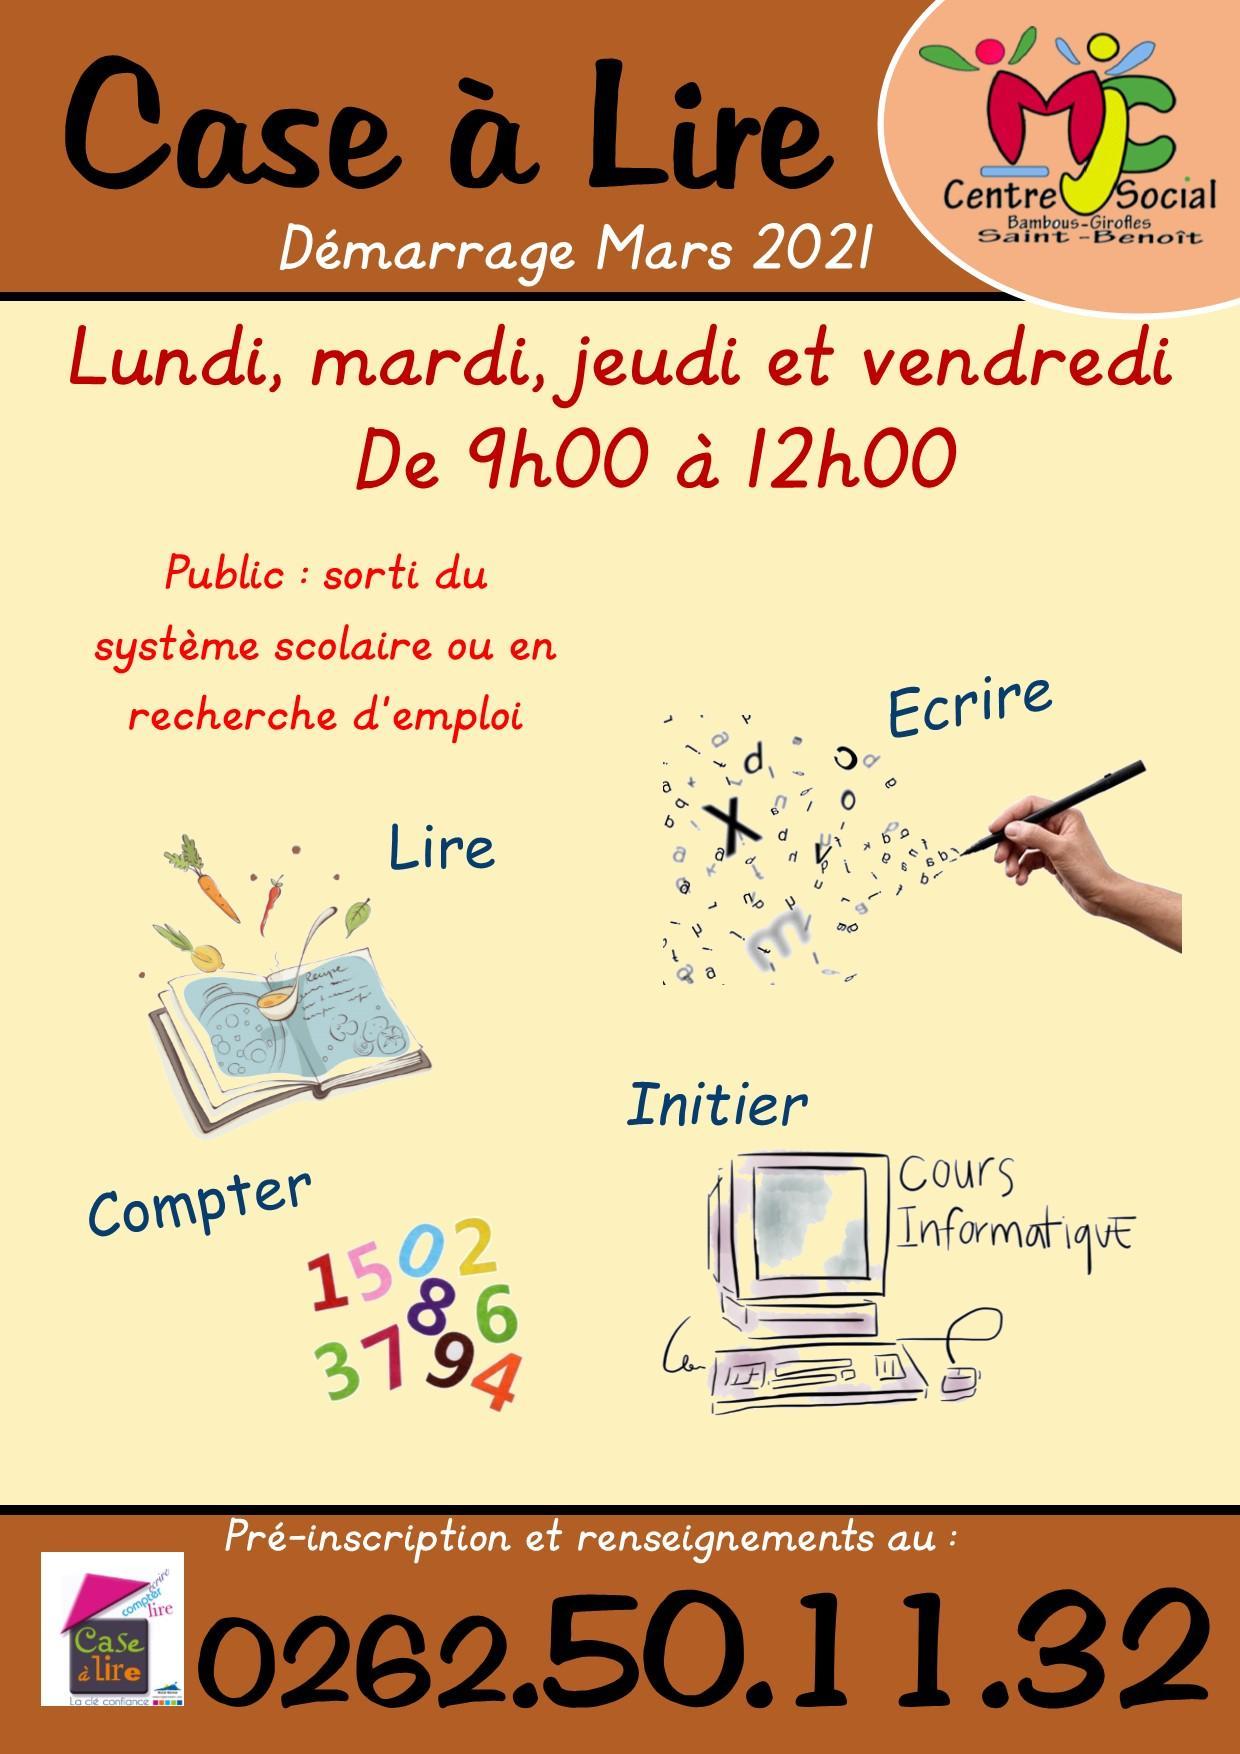 Case a lire 2022